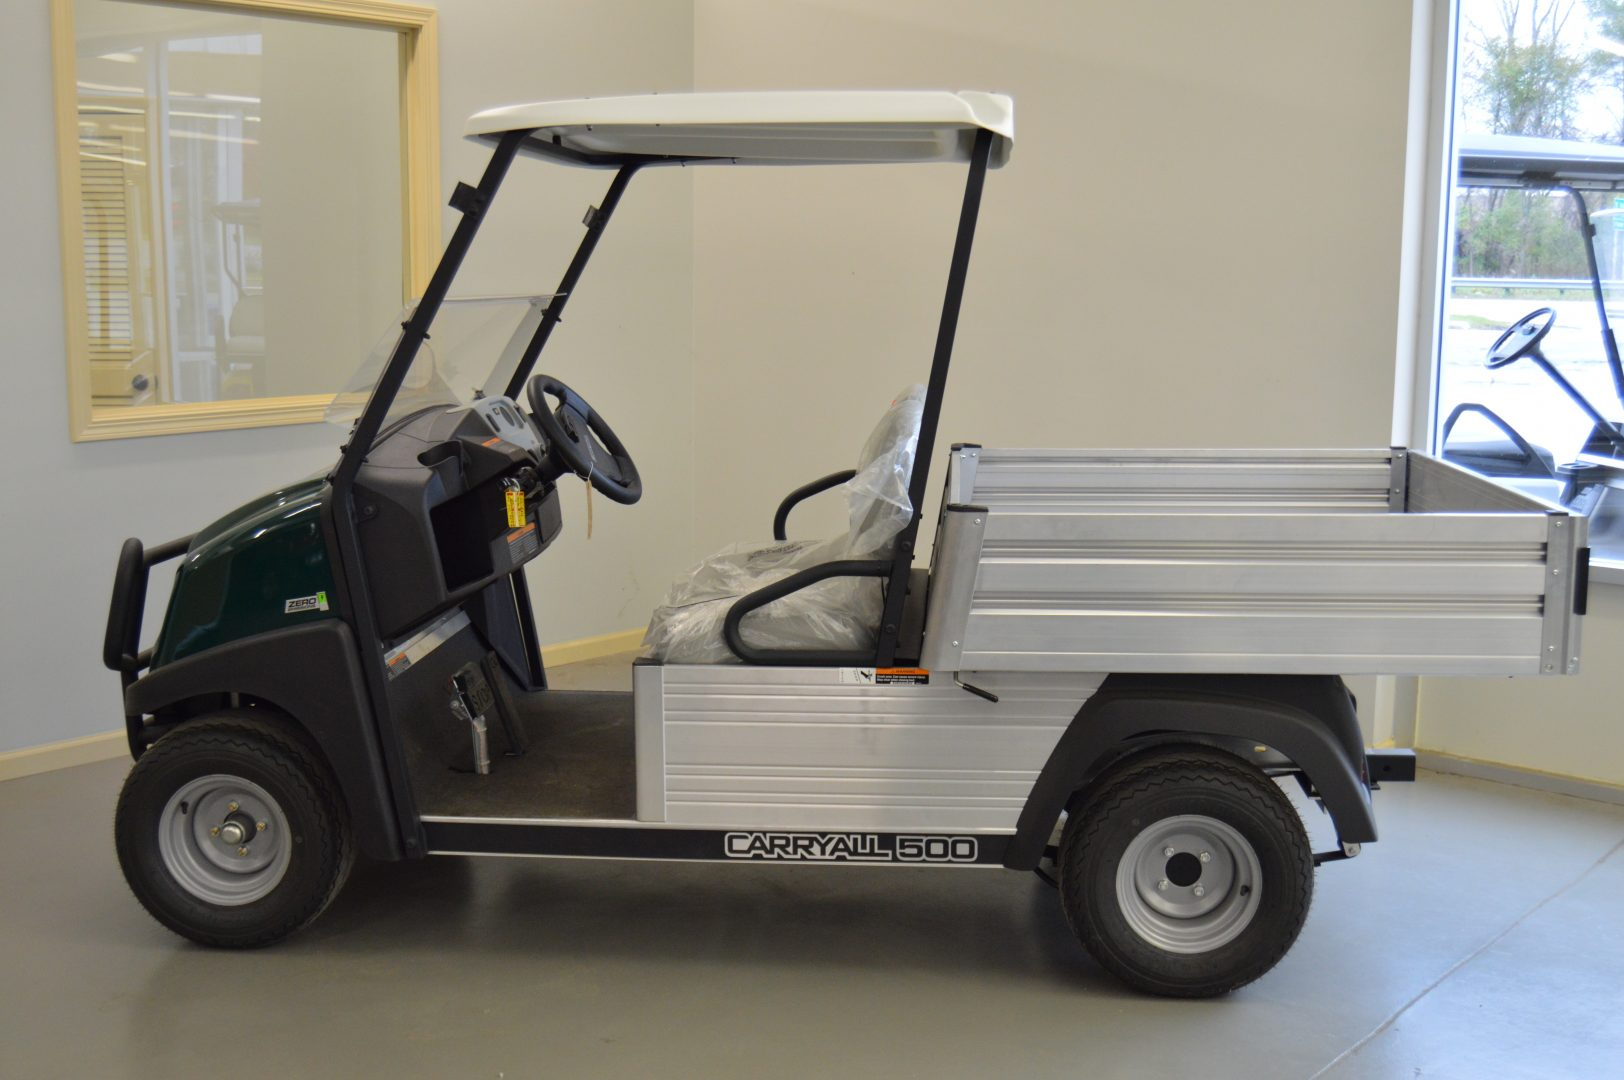 2016 Club Car Carryall 500 Electric & 2016 Club Car Carryall 500 Electric - Wiers Golf Carts u0026 Utility ...